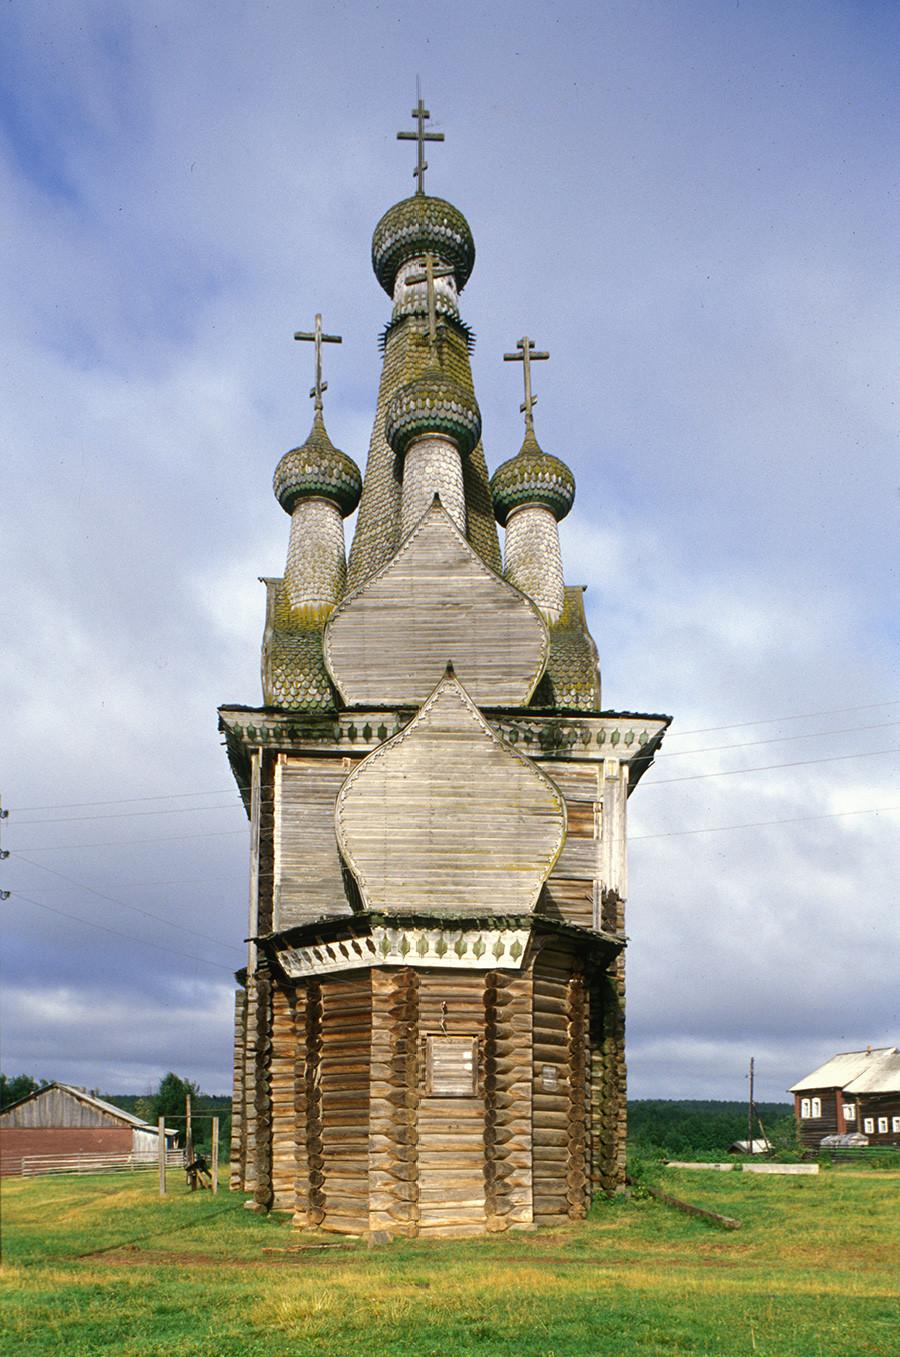 Cerkev ikone Odigitrije. Pogled proti vzhodu z apsido (struktura iz macesnovih hlodov). 1. avgust 2000